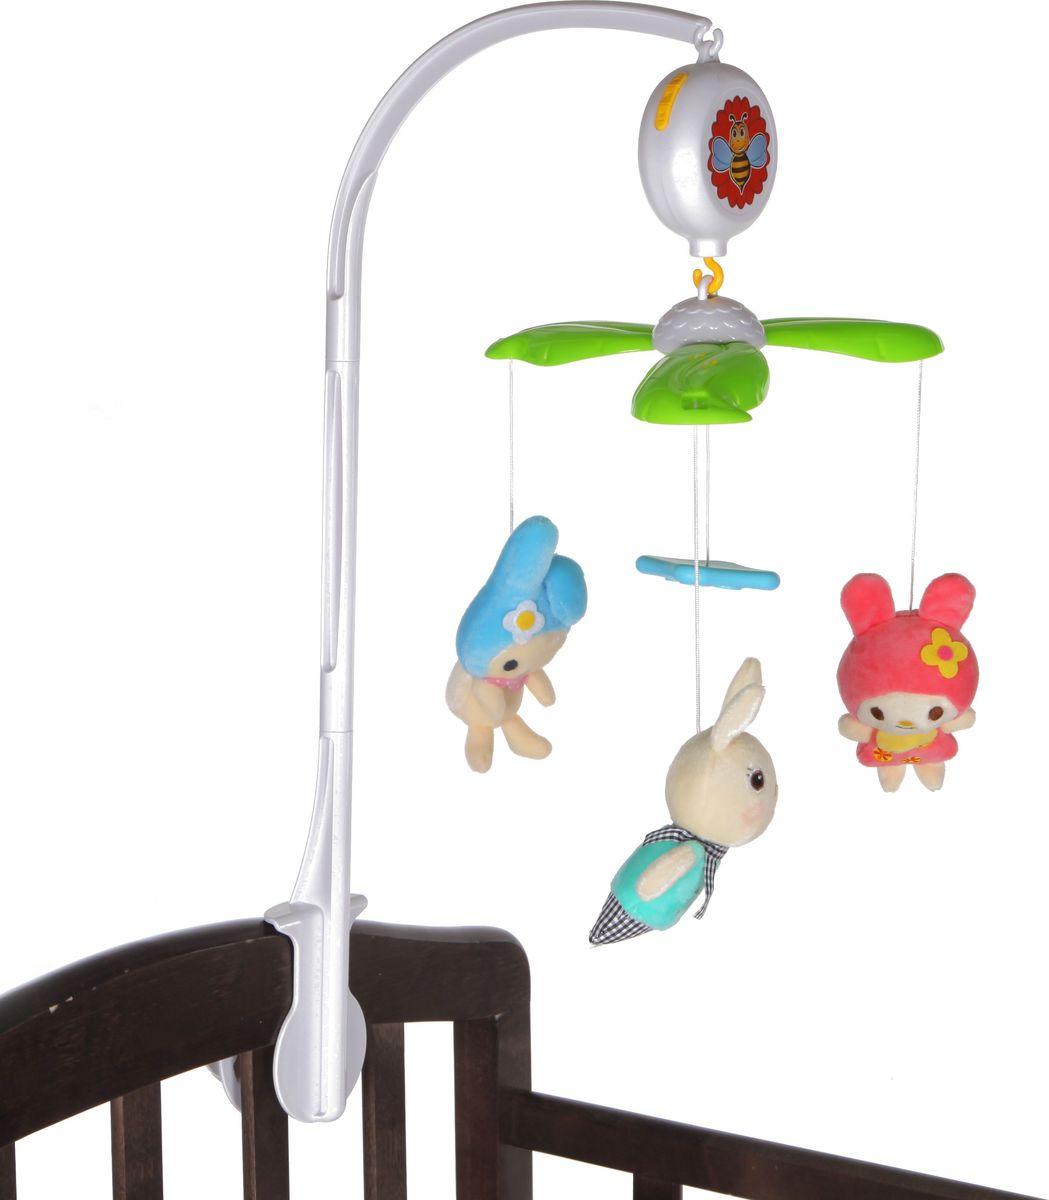 Yako Музыкальный мобиль 6611B-5 - Игрушки для малышей